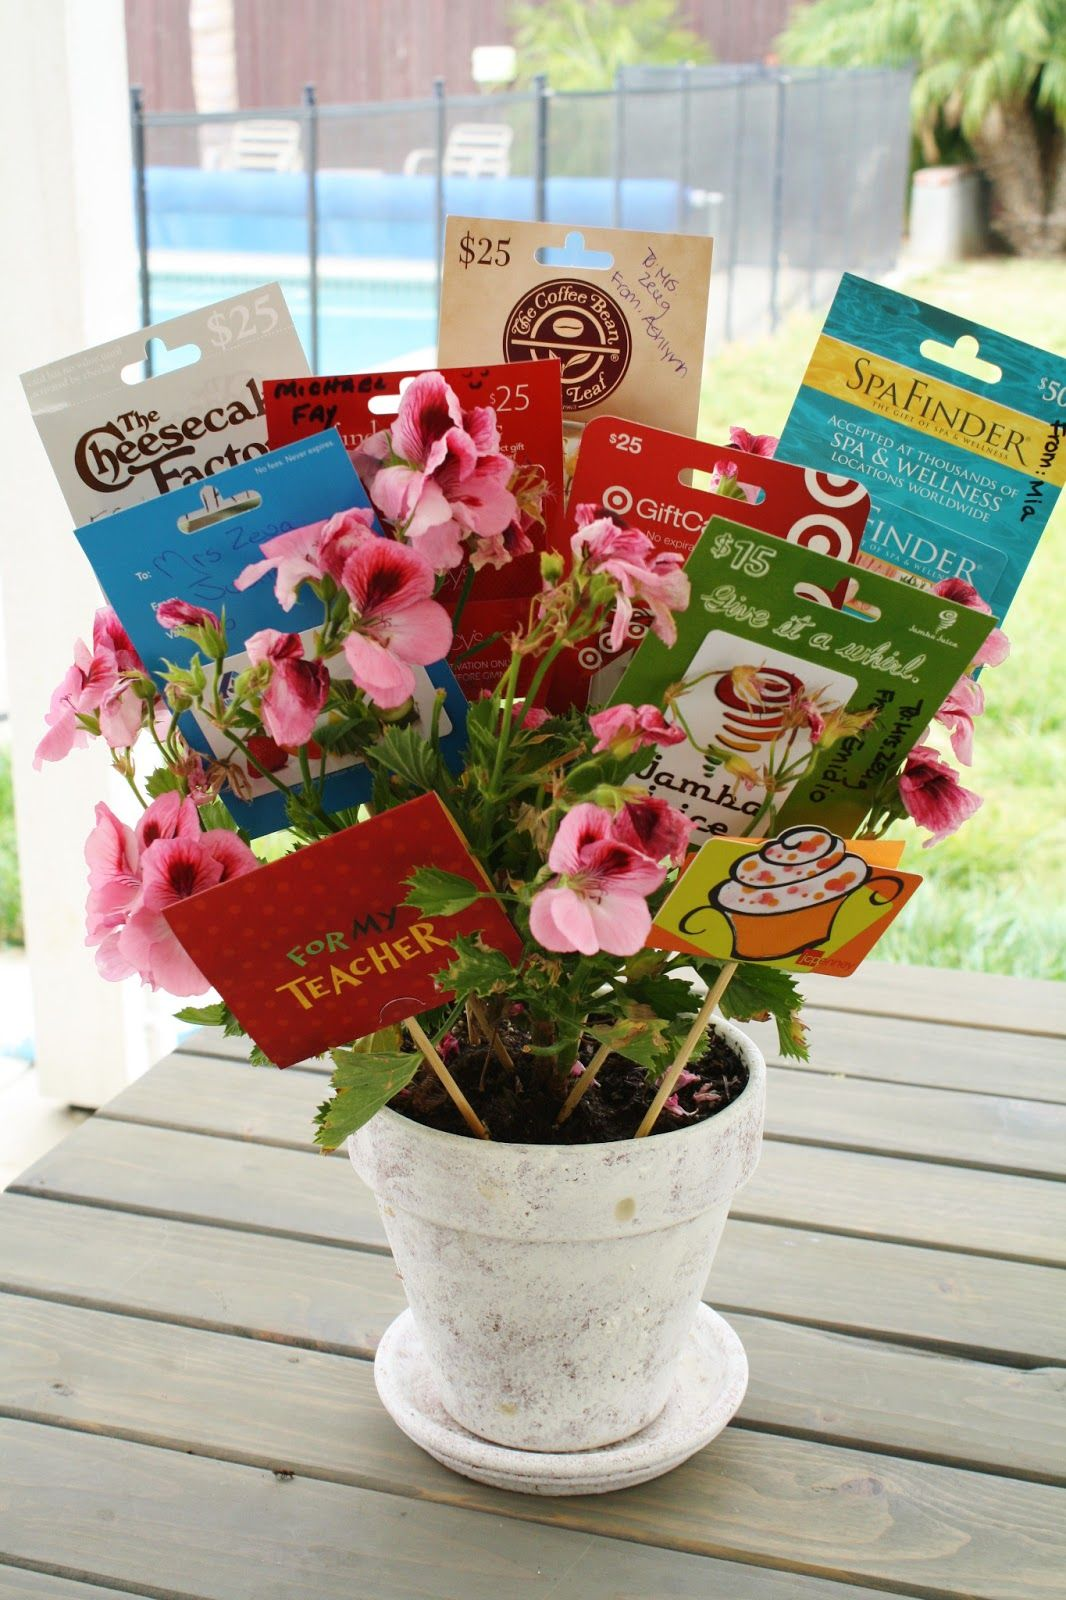 018jpg 10661600 pixels gift card bouquet teacher